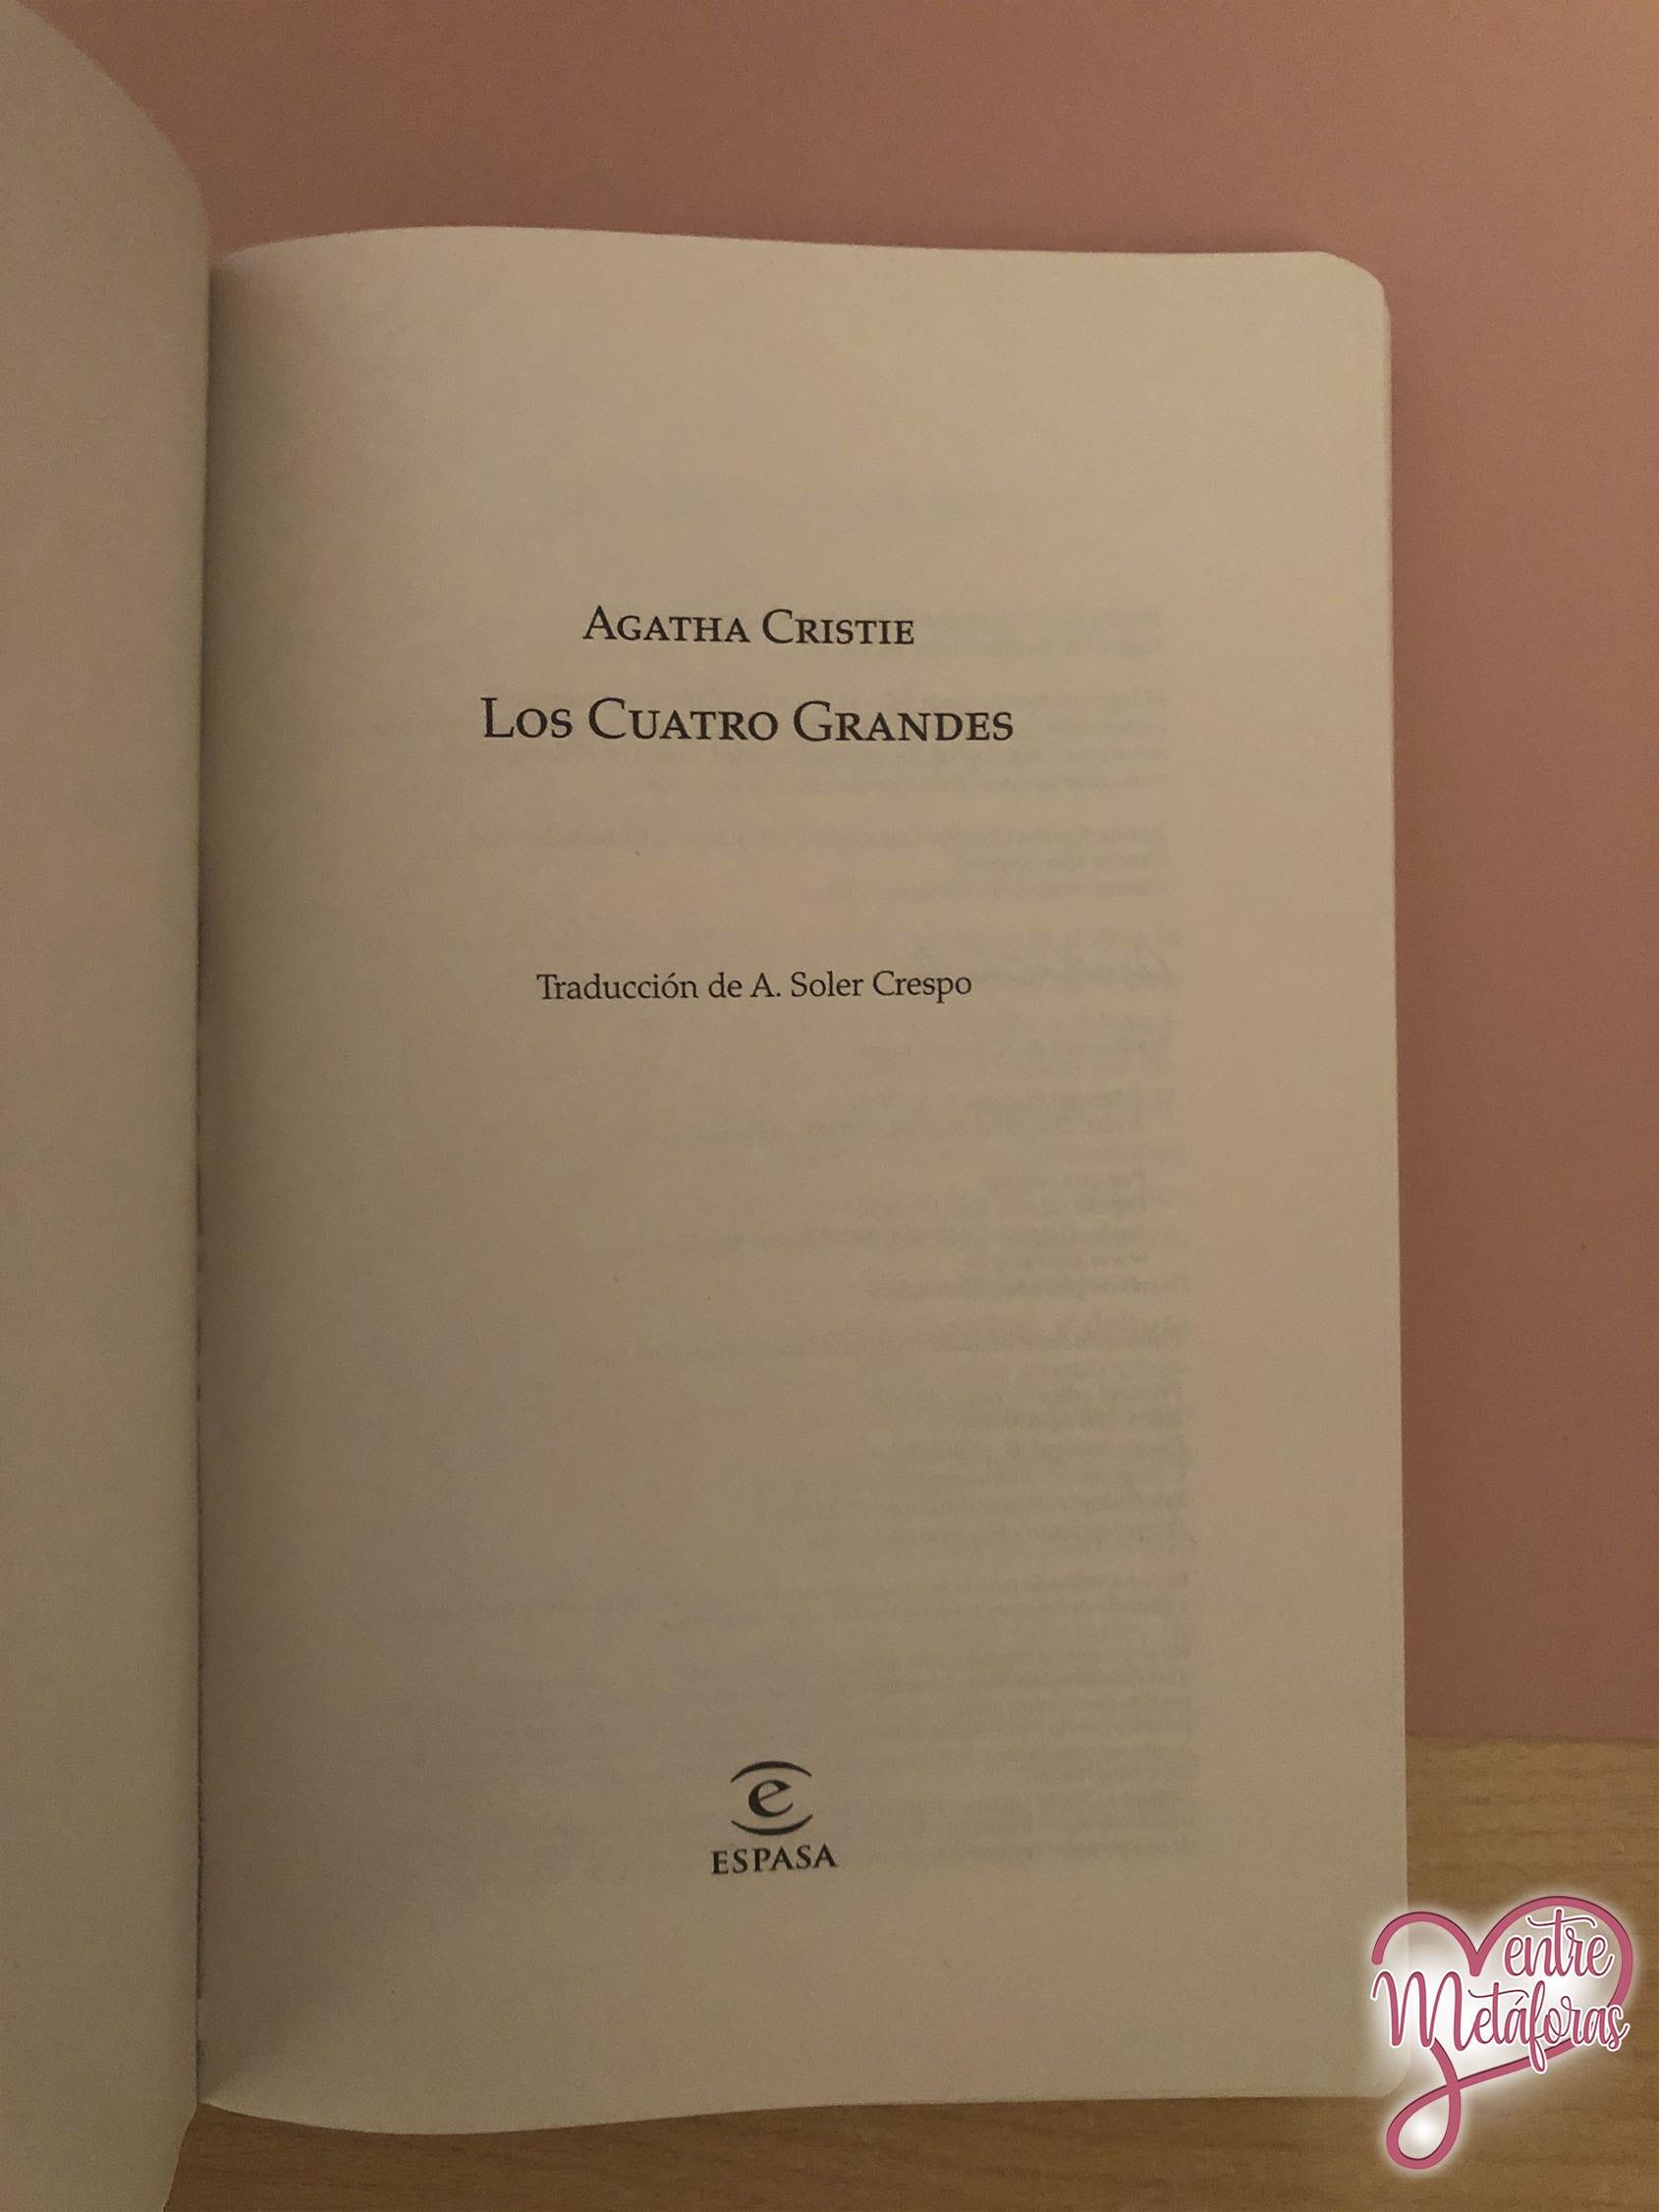 Los cuatro grandes, de Agatha Christie - Reseña